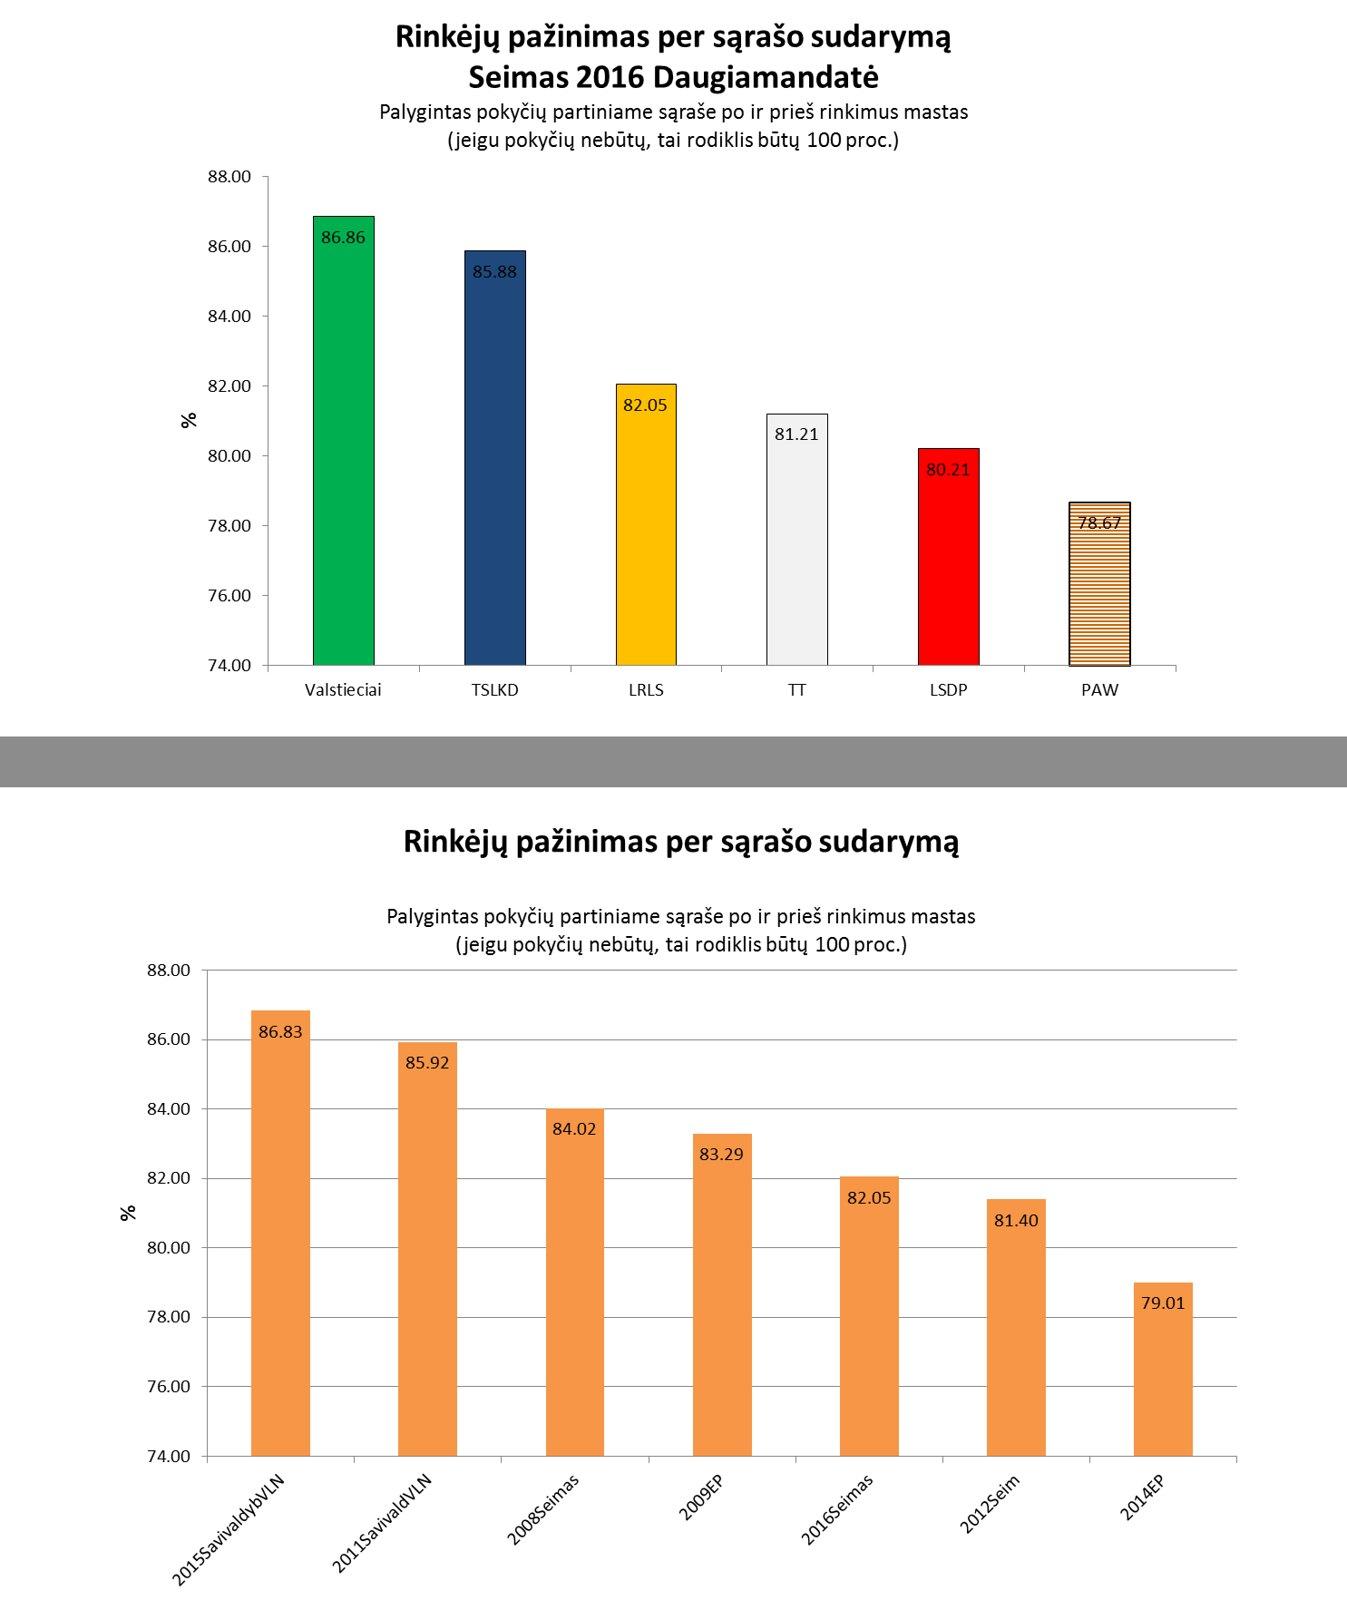 Viršutinis grafikas šių rinkimų rodiklio rezultatas. O apatinis LRLS kelių rinkimų perspektyvoje.